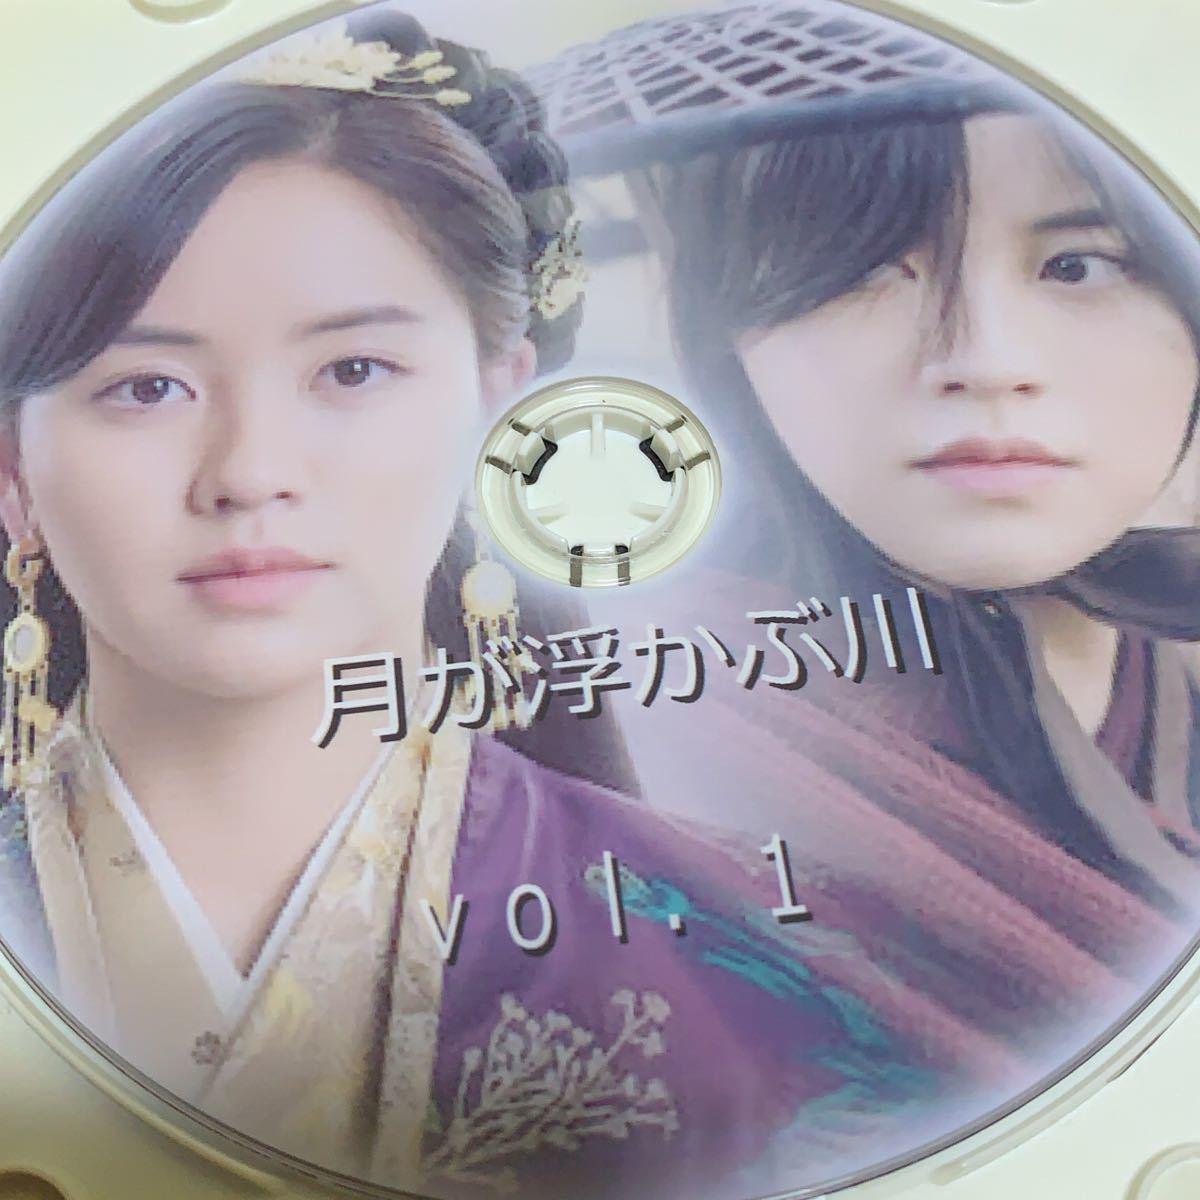 韓国ドラマ 月が浮かぶ川 DVD全話【レーベル印刷あり】